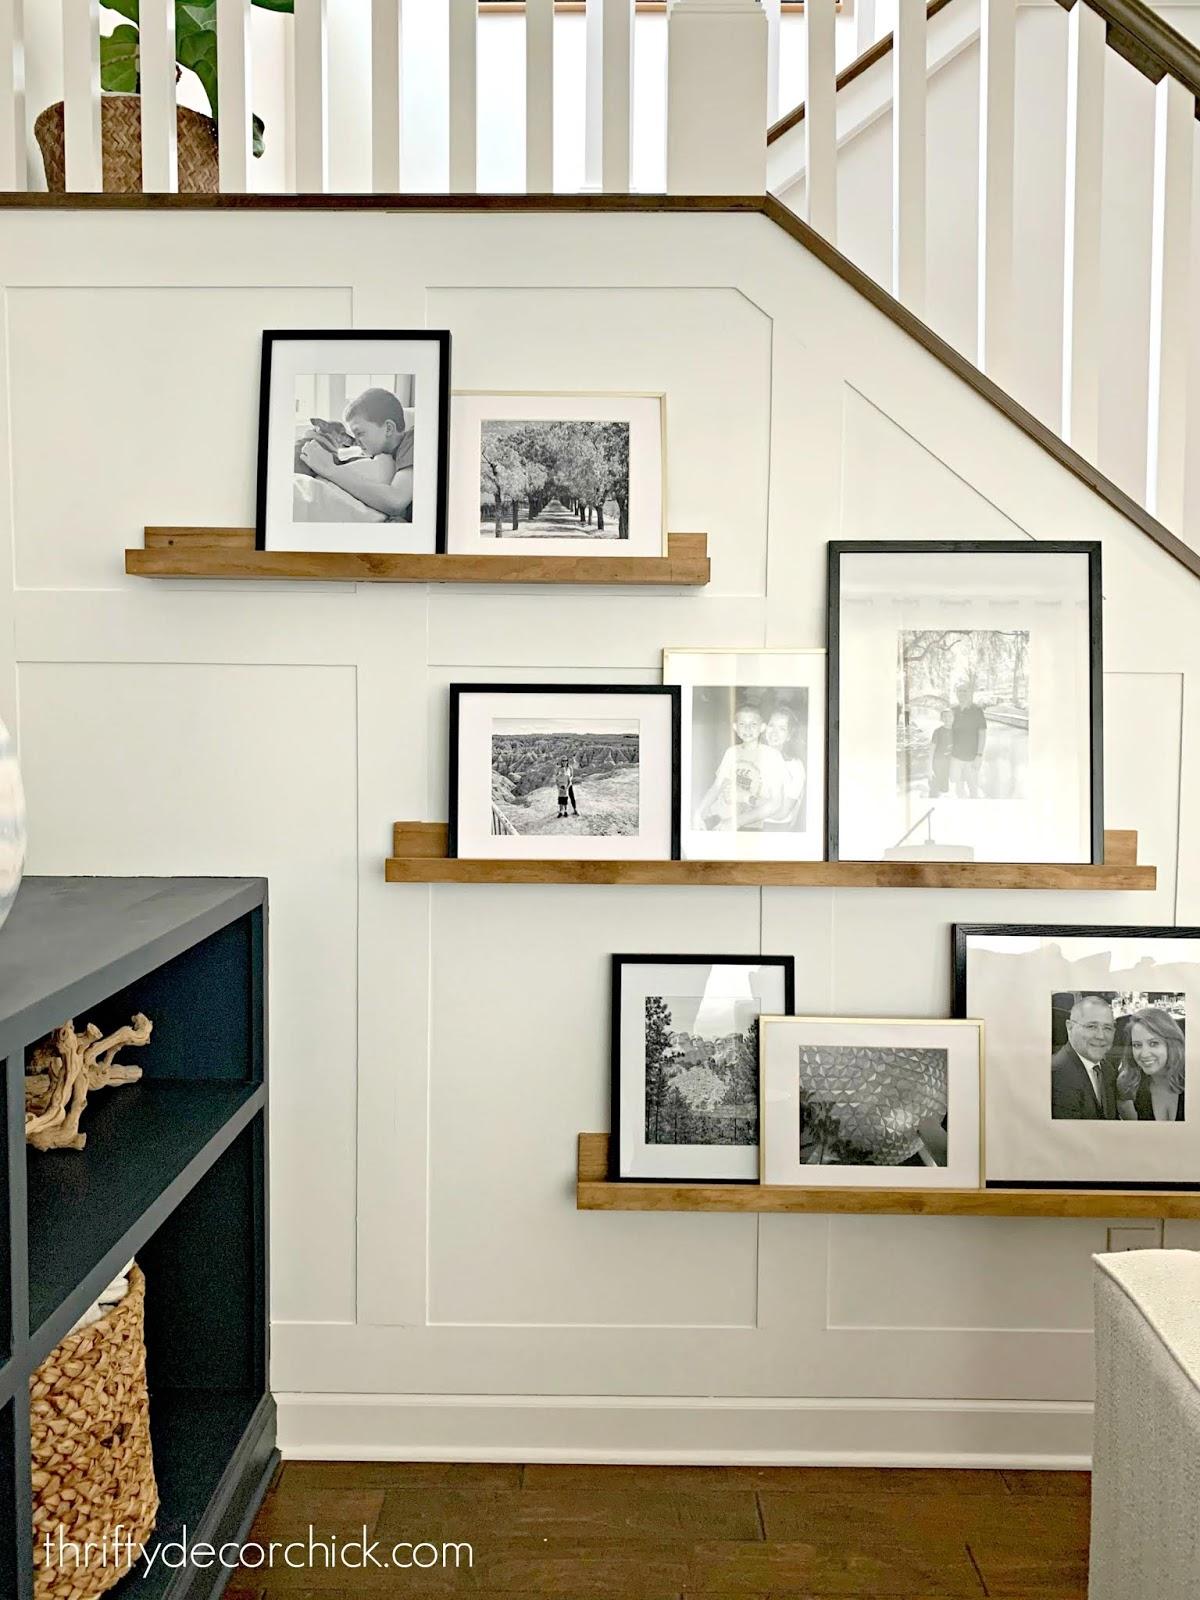 DIY wood picture ledges